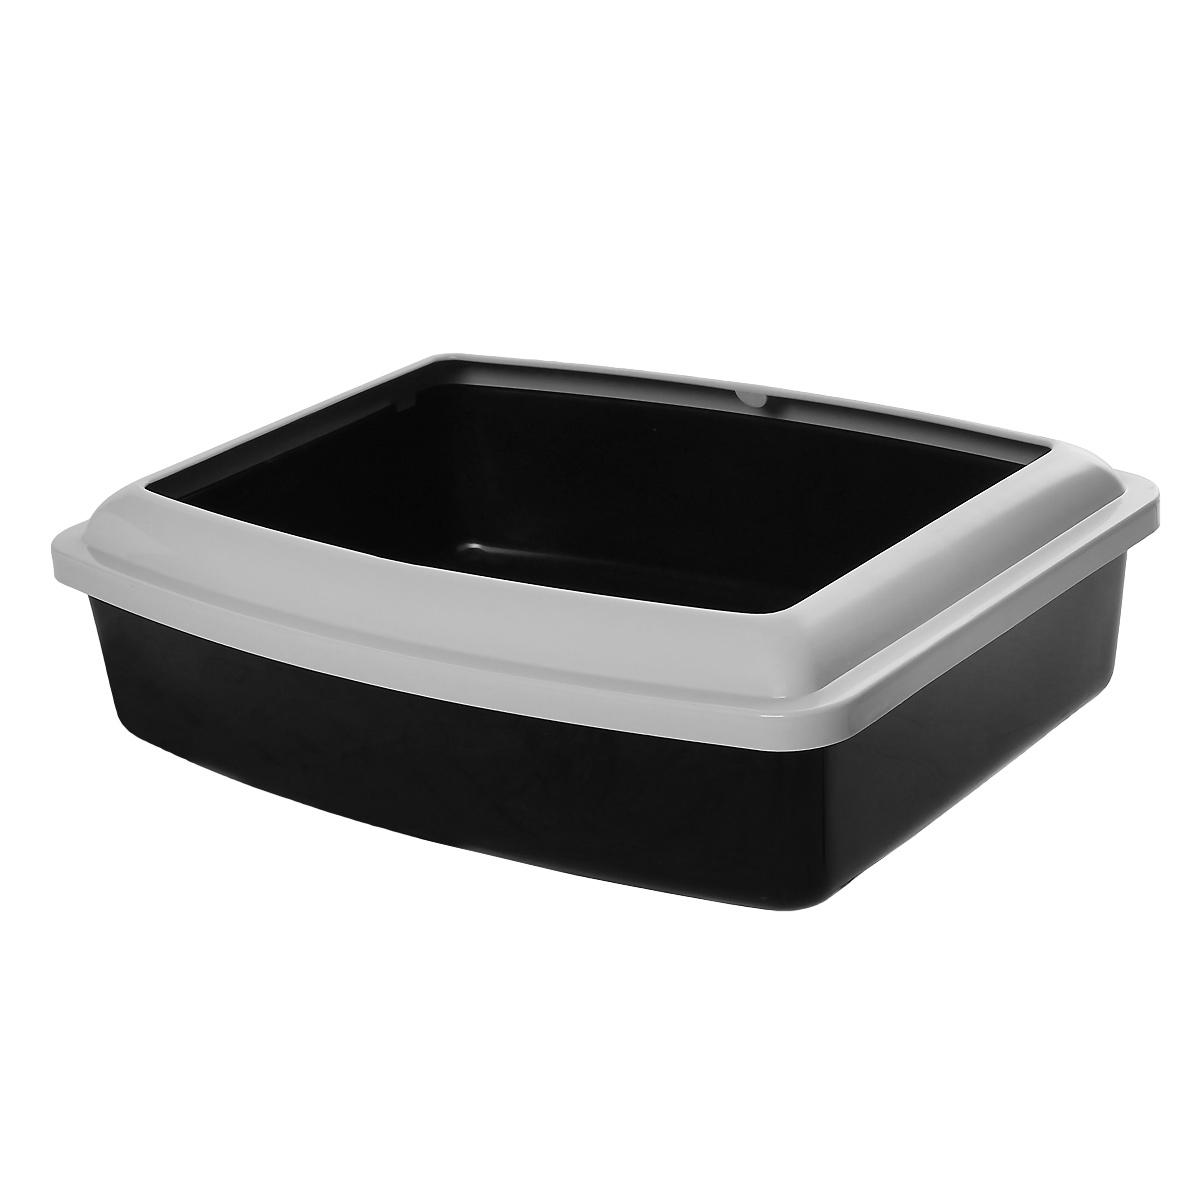 Туалет для кошек Savic Oval Trey Medium, с бортом, цвет: черный, серый, 42 см х 33 см fullips увеличитель губ small oval